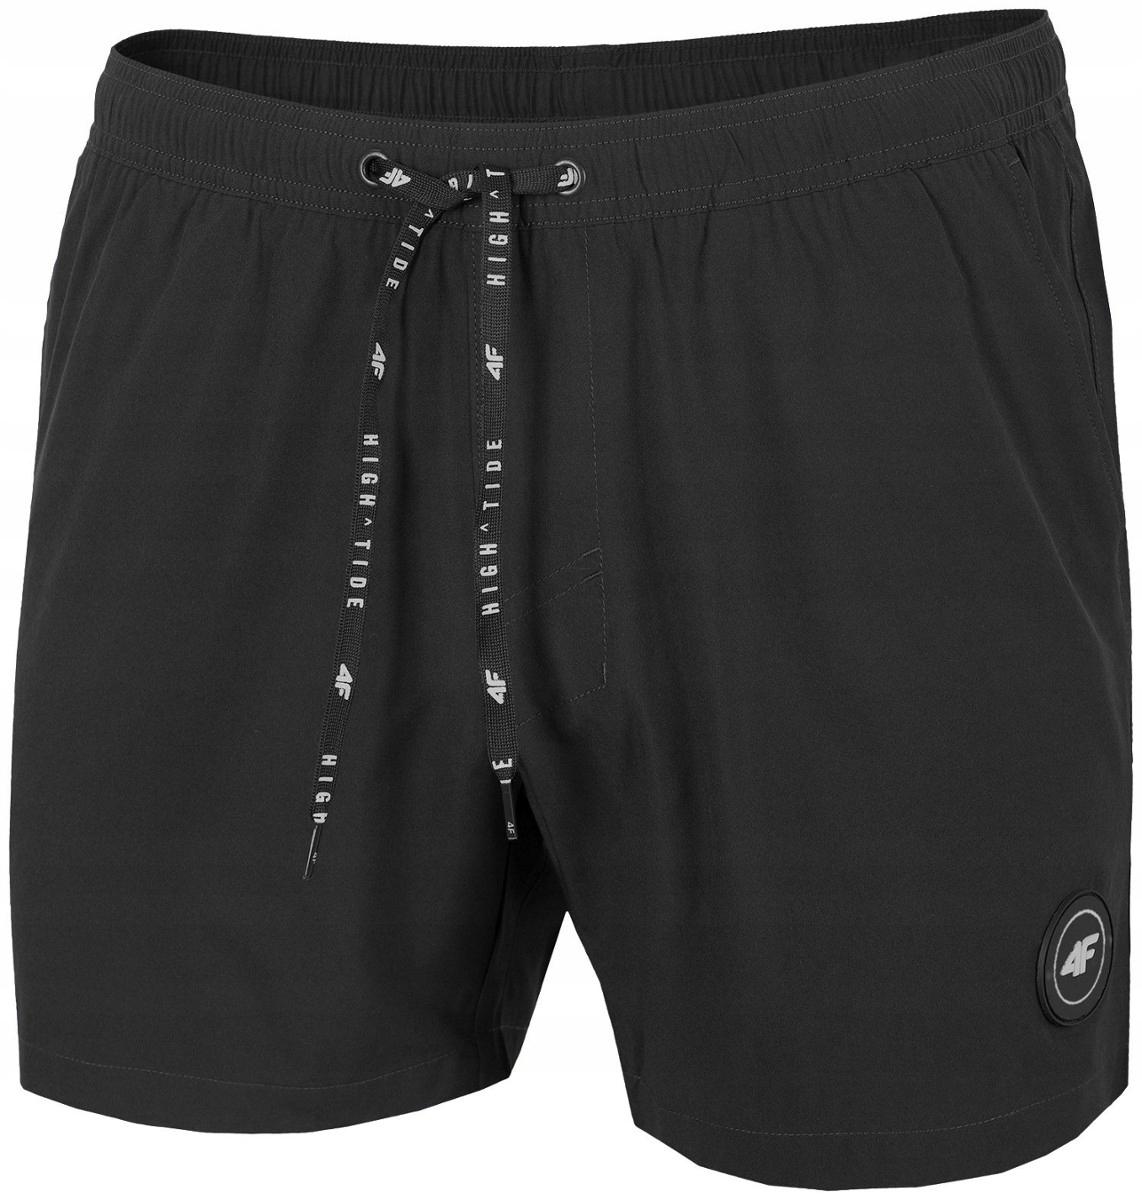 Męskie spodenki kąpielowe szorty 4F czarne XL